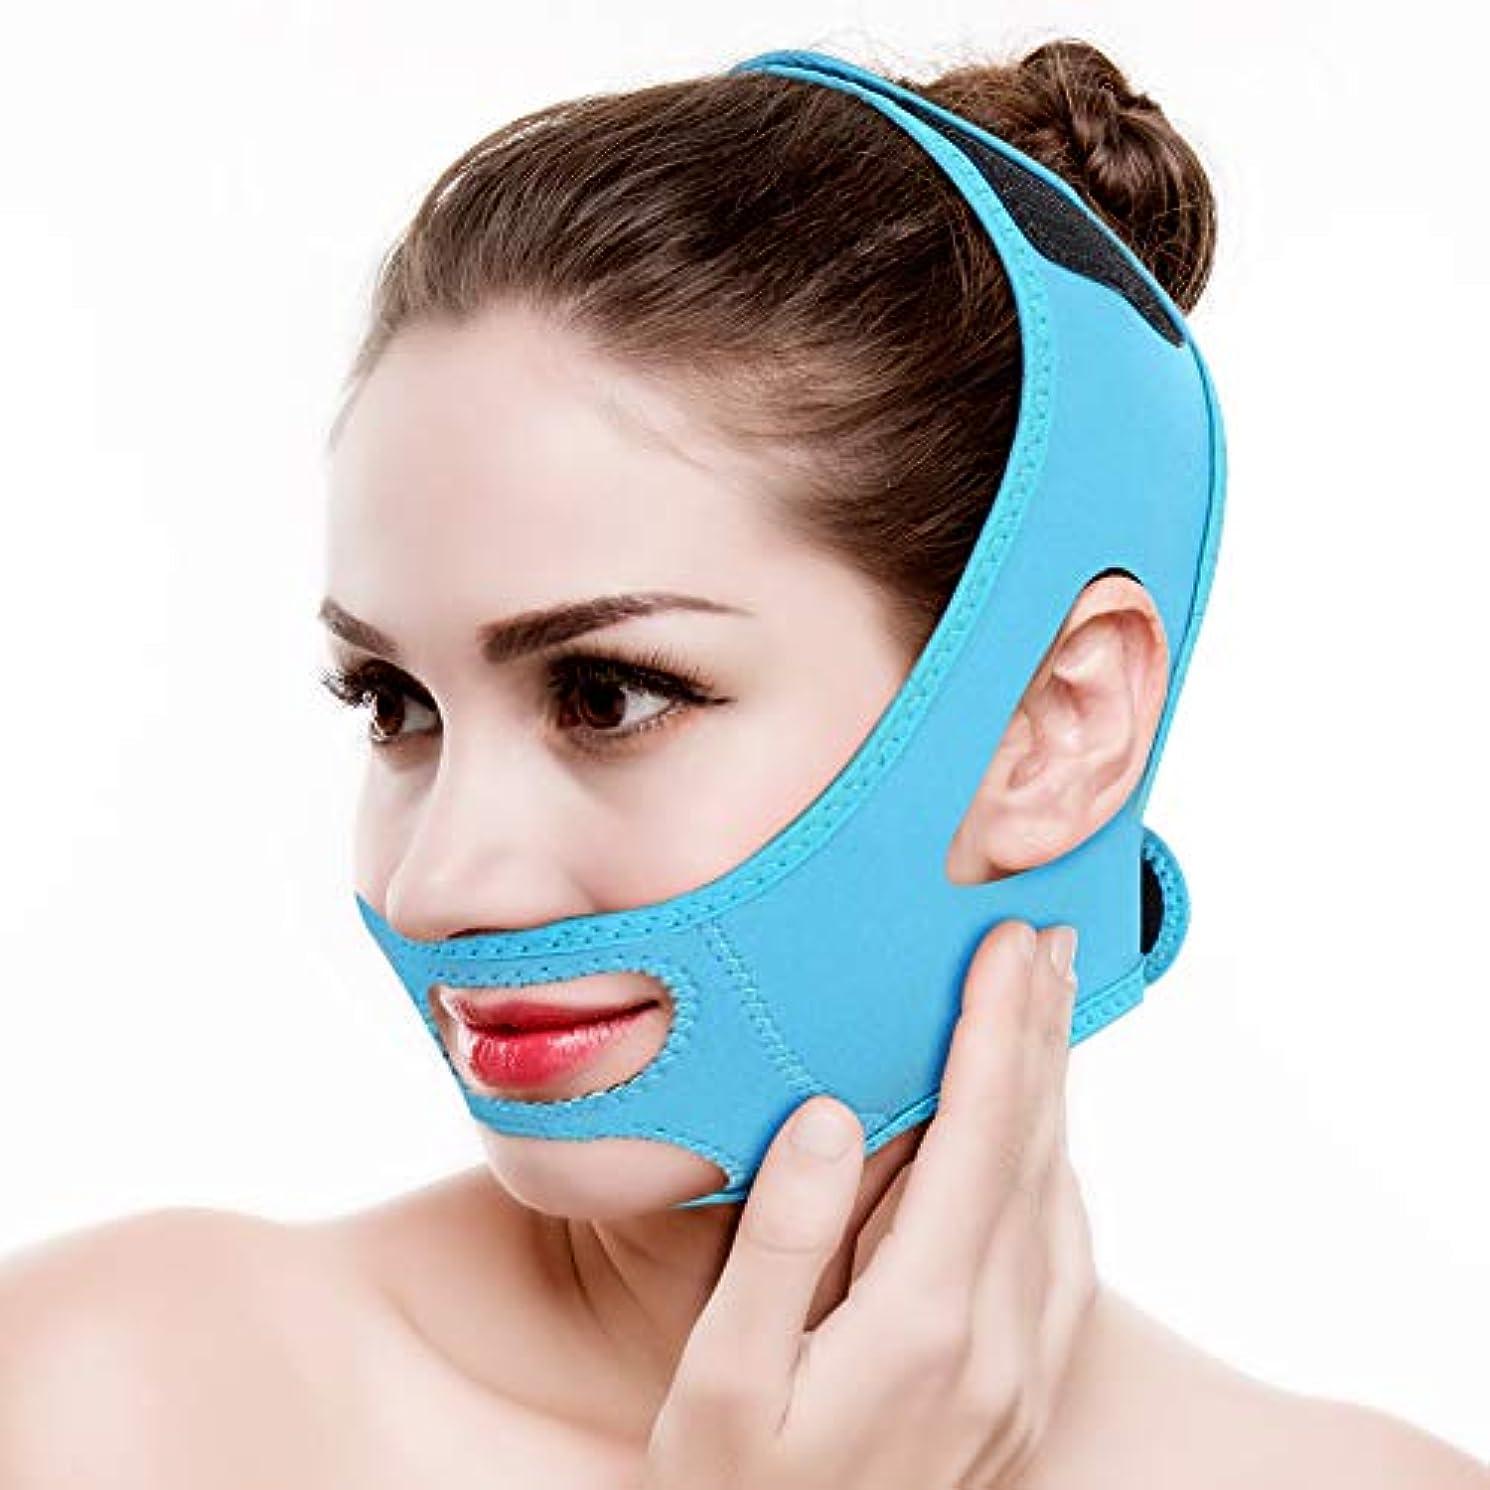 広告研磨剤燃やすフェイスリフティングベルト,顔の痩身包帯フェイシャルスリミング包帯ベルトマスクフェイスリフトダブルチンスキンストラップフェイススリミング包帯小 顔 美顔 矯正、顎リフト フェイススリミングマスク (Blue)